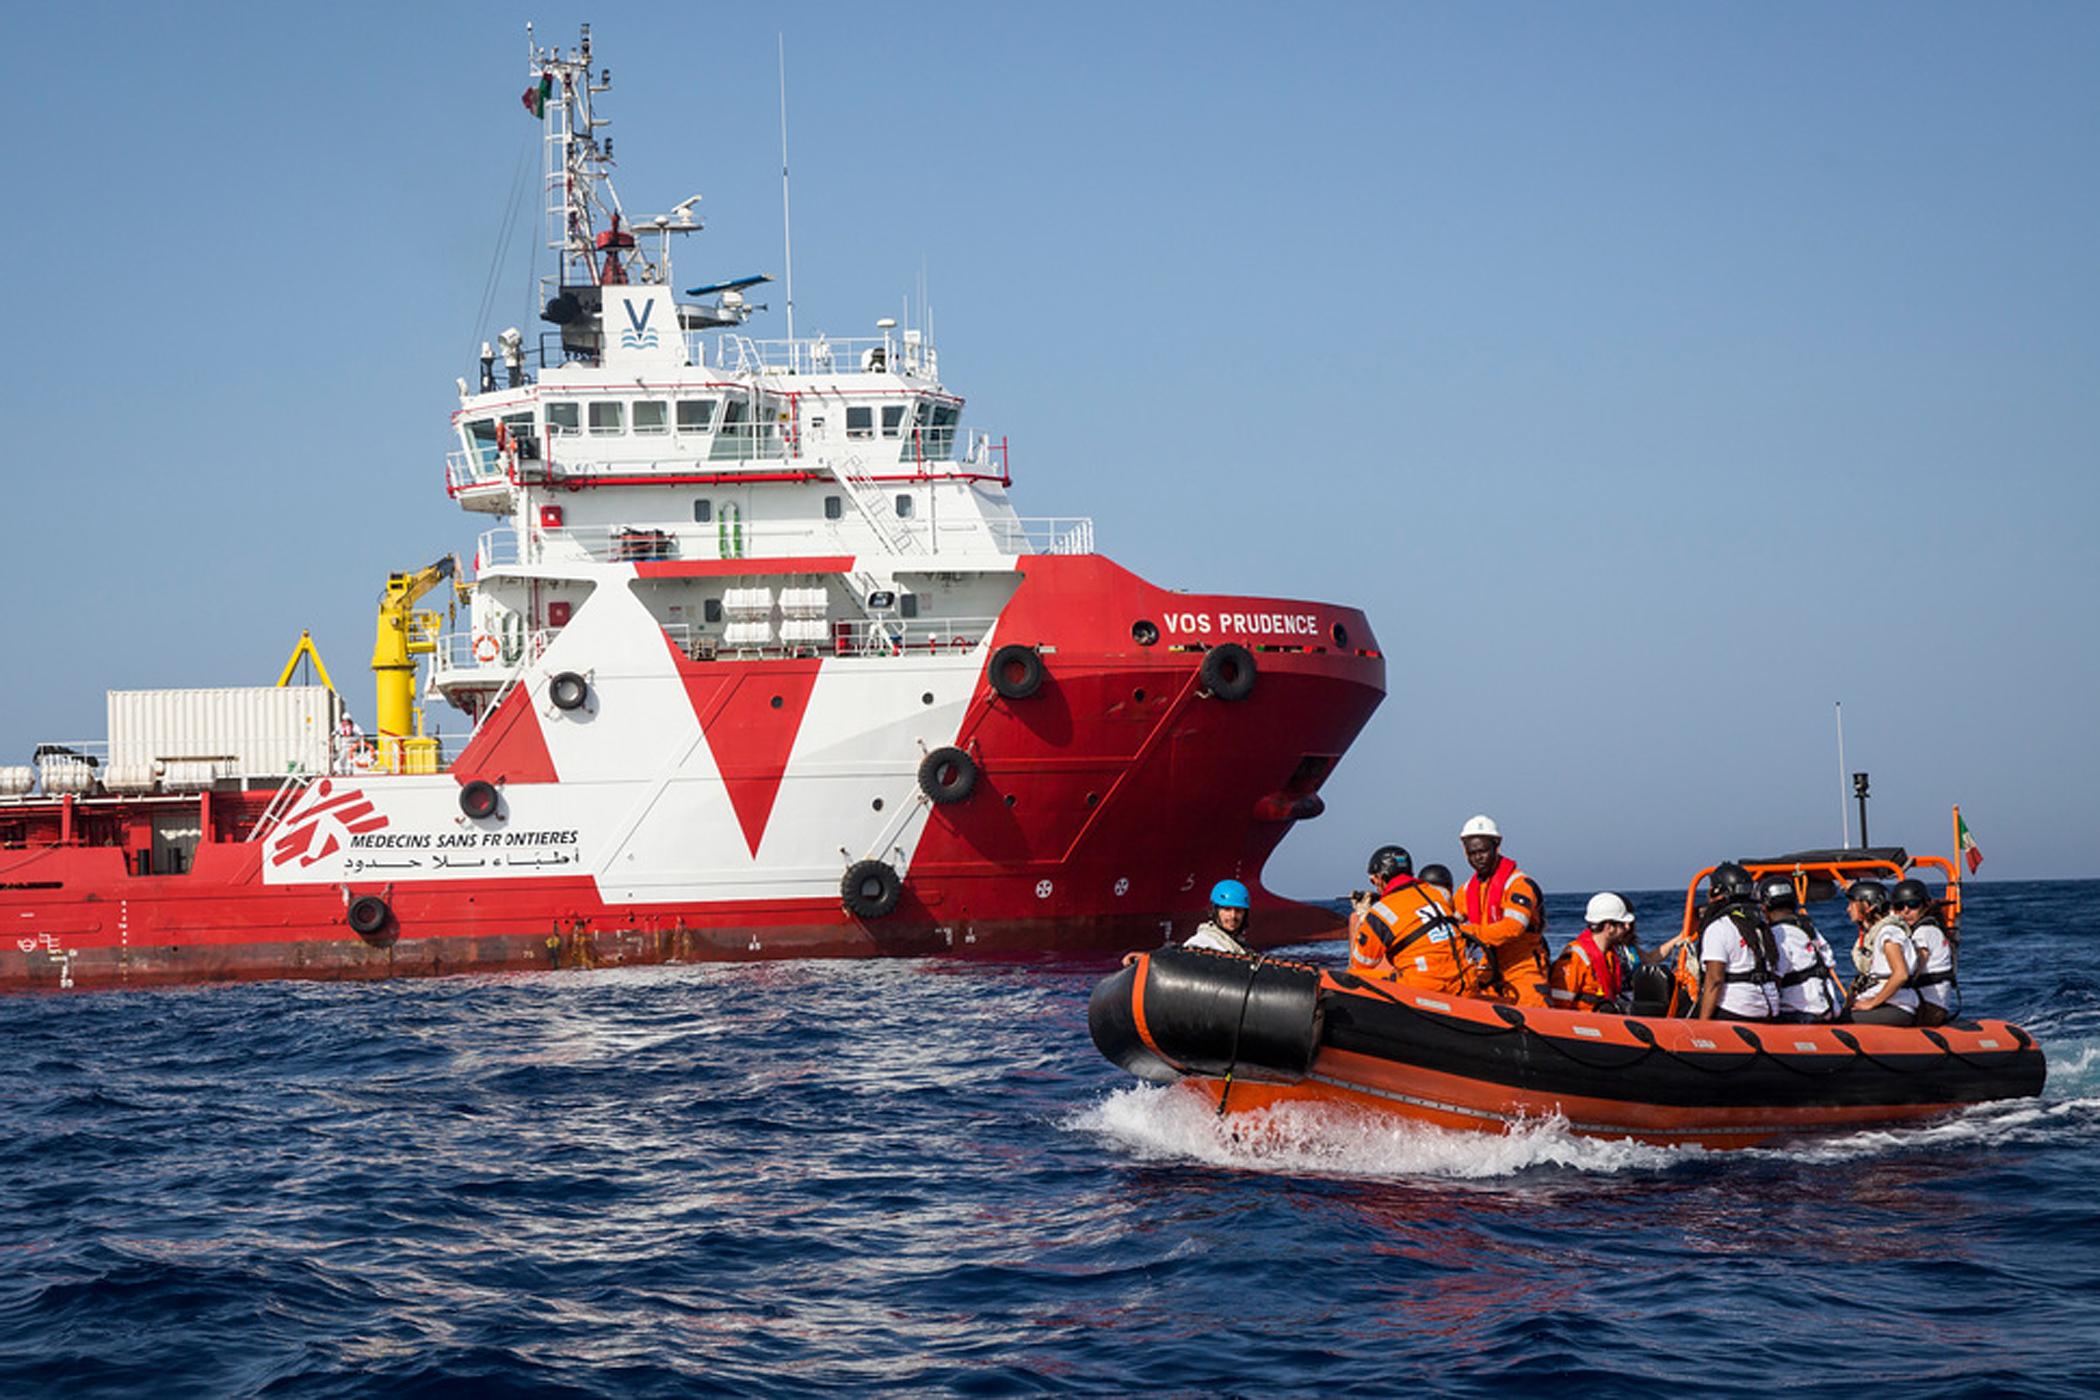 Záchranná akce Lékařů bez hranic